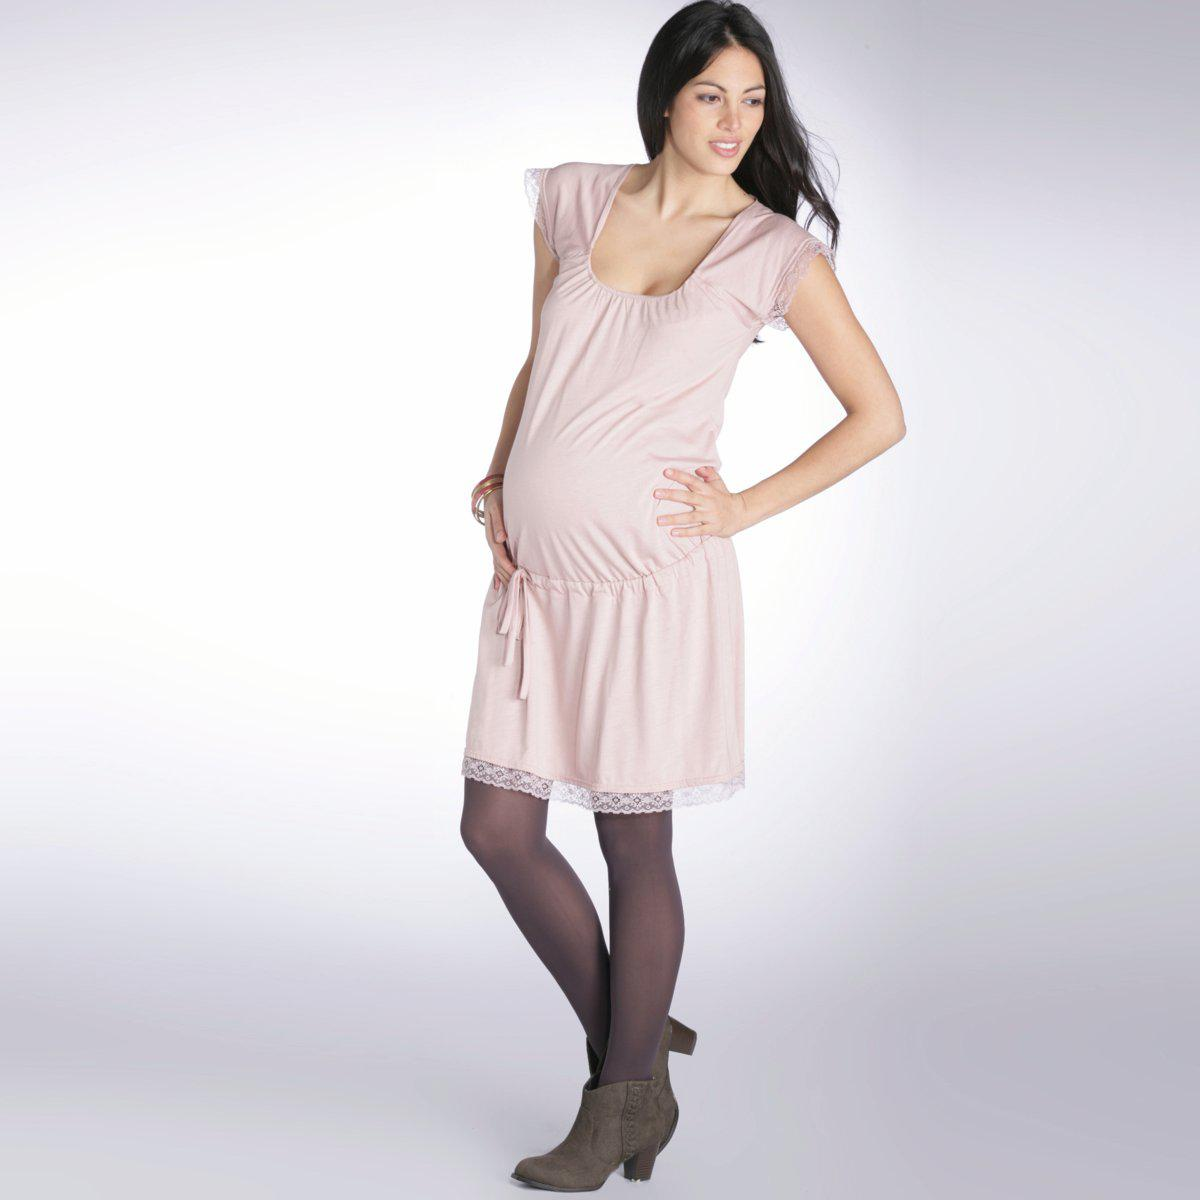 Βραδυνα Φορεματα εγκυμοσύνης Χειμώνας 2012 Κωδ. 324205653 80fb5936103